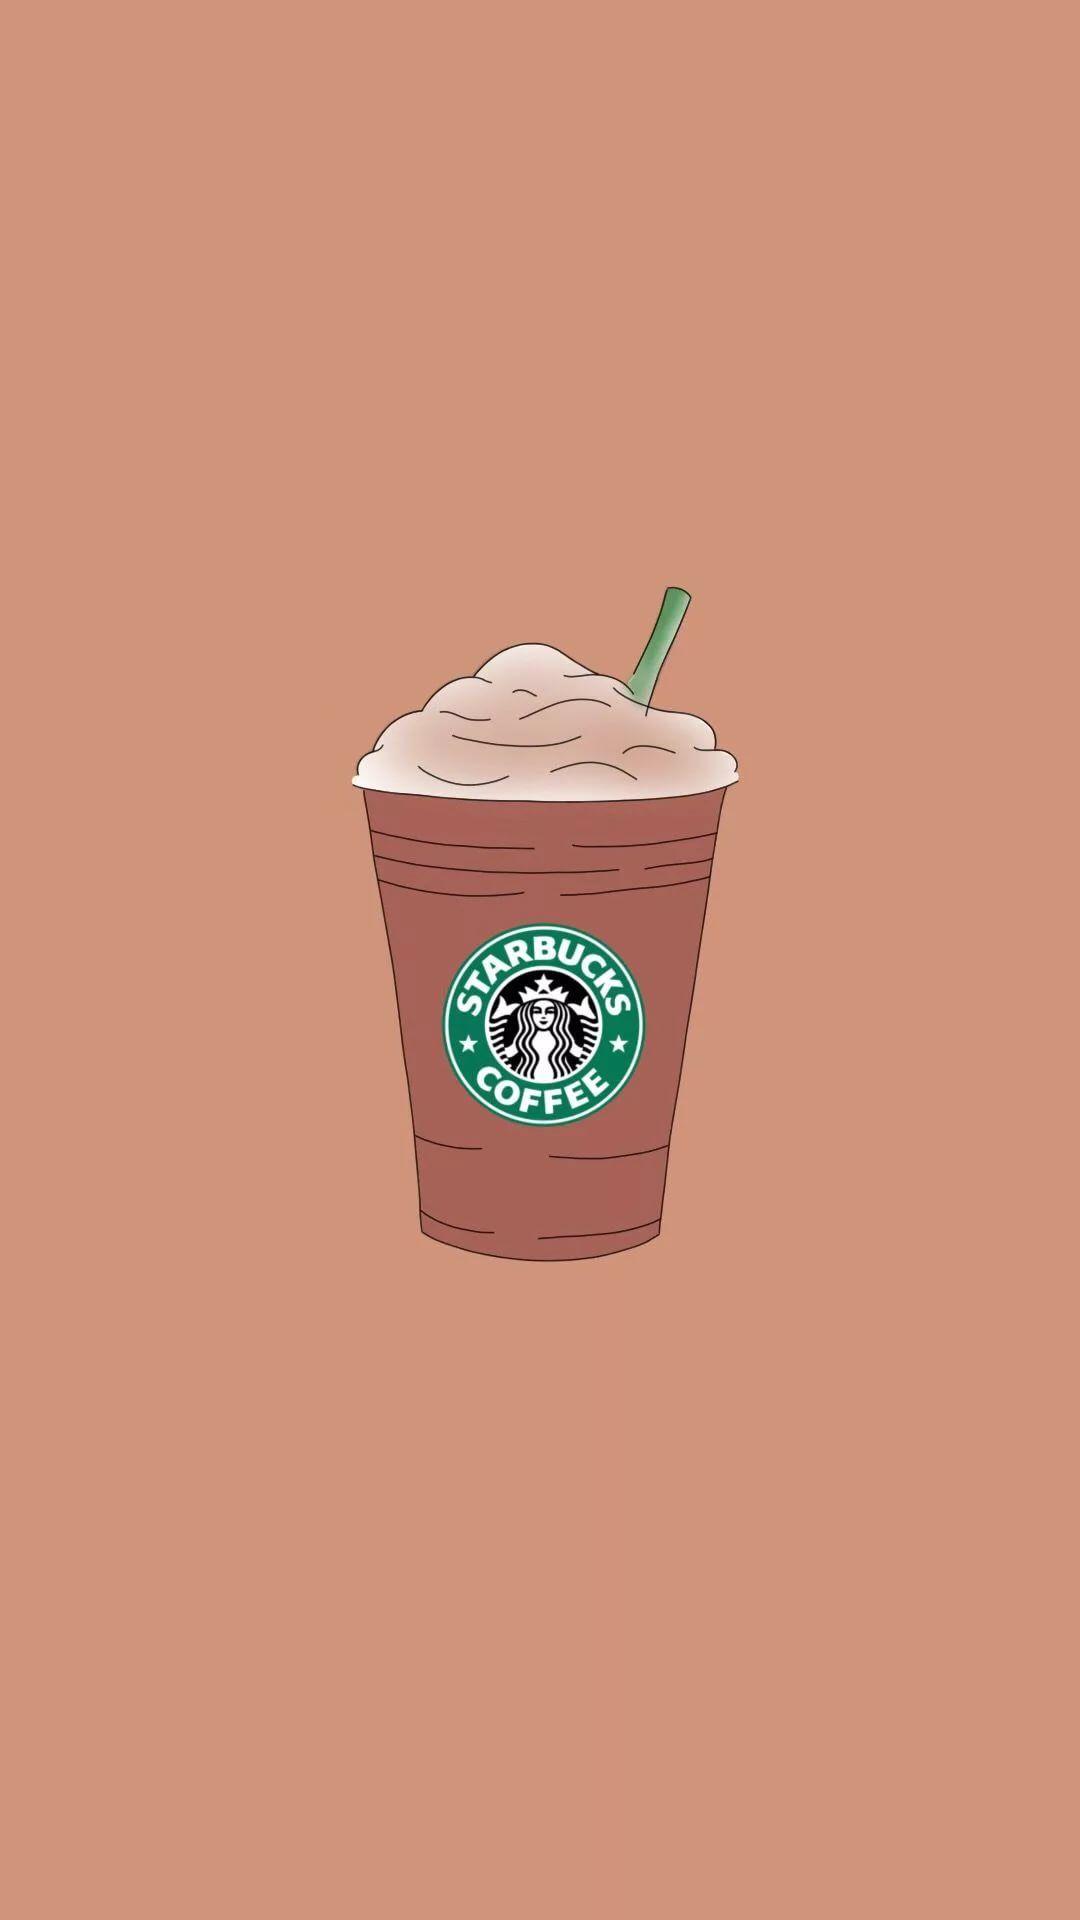 Starbucks s7 Edge Wallpaper